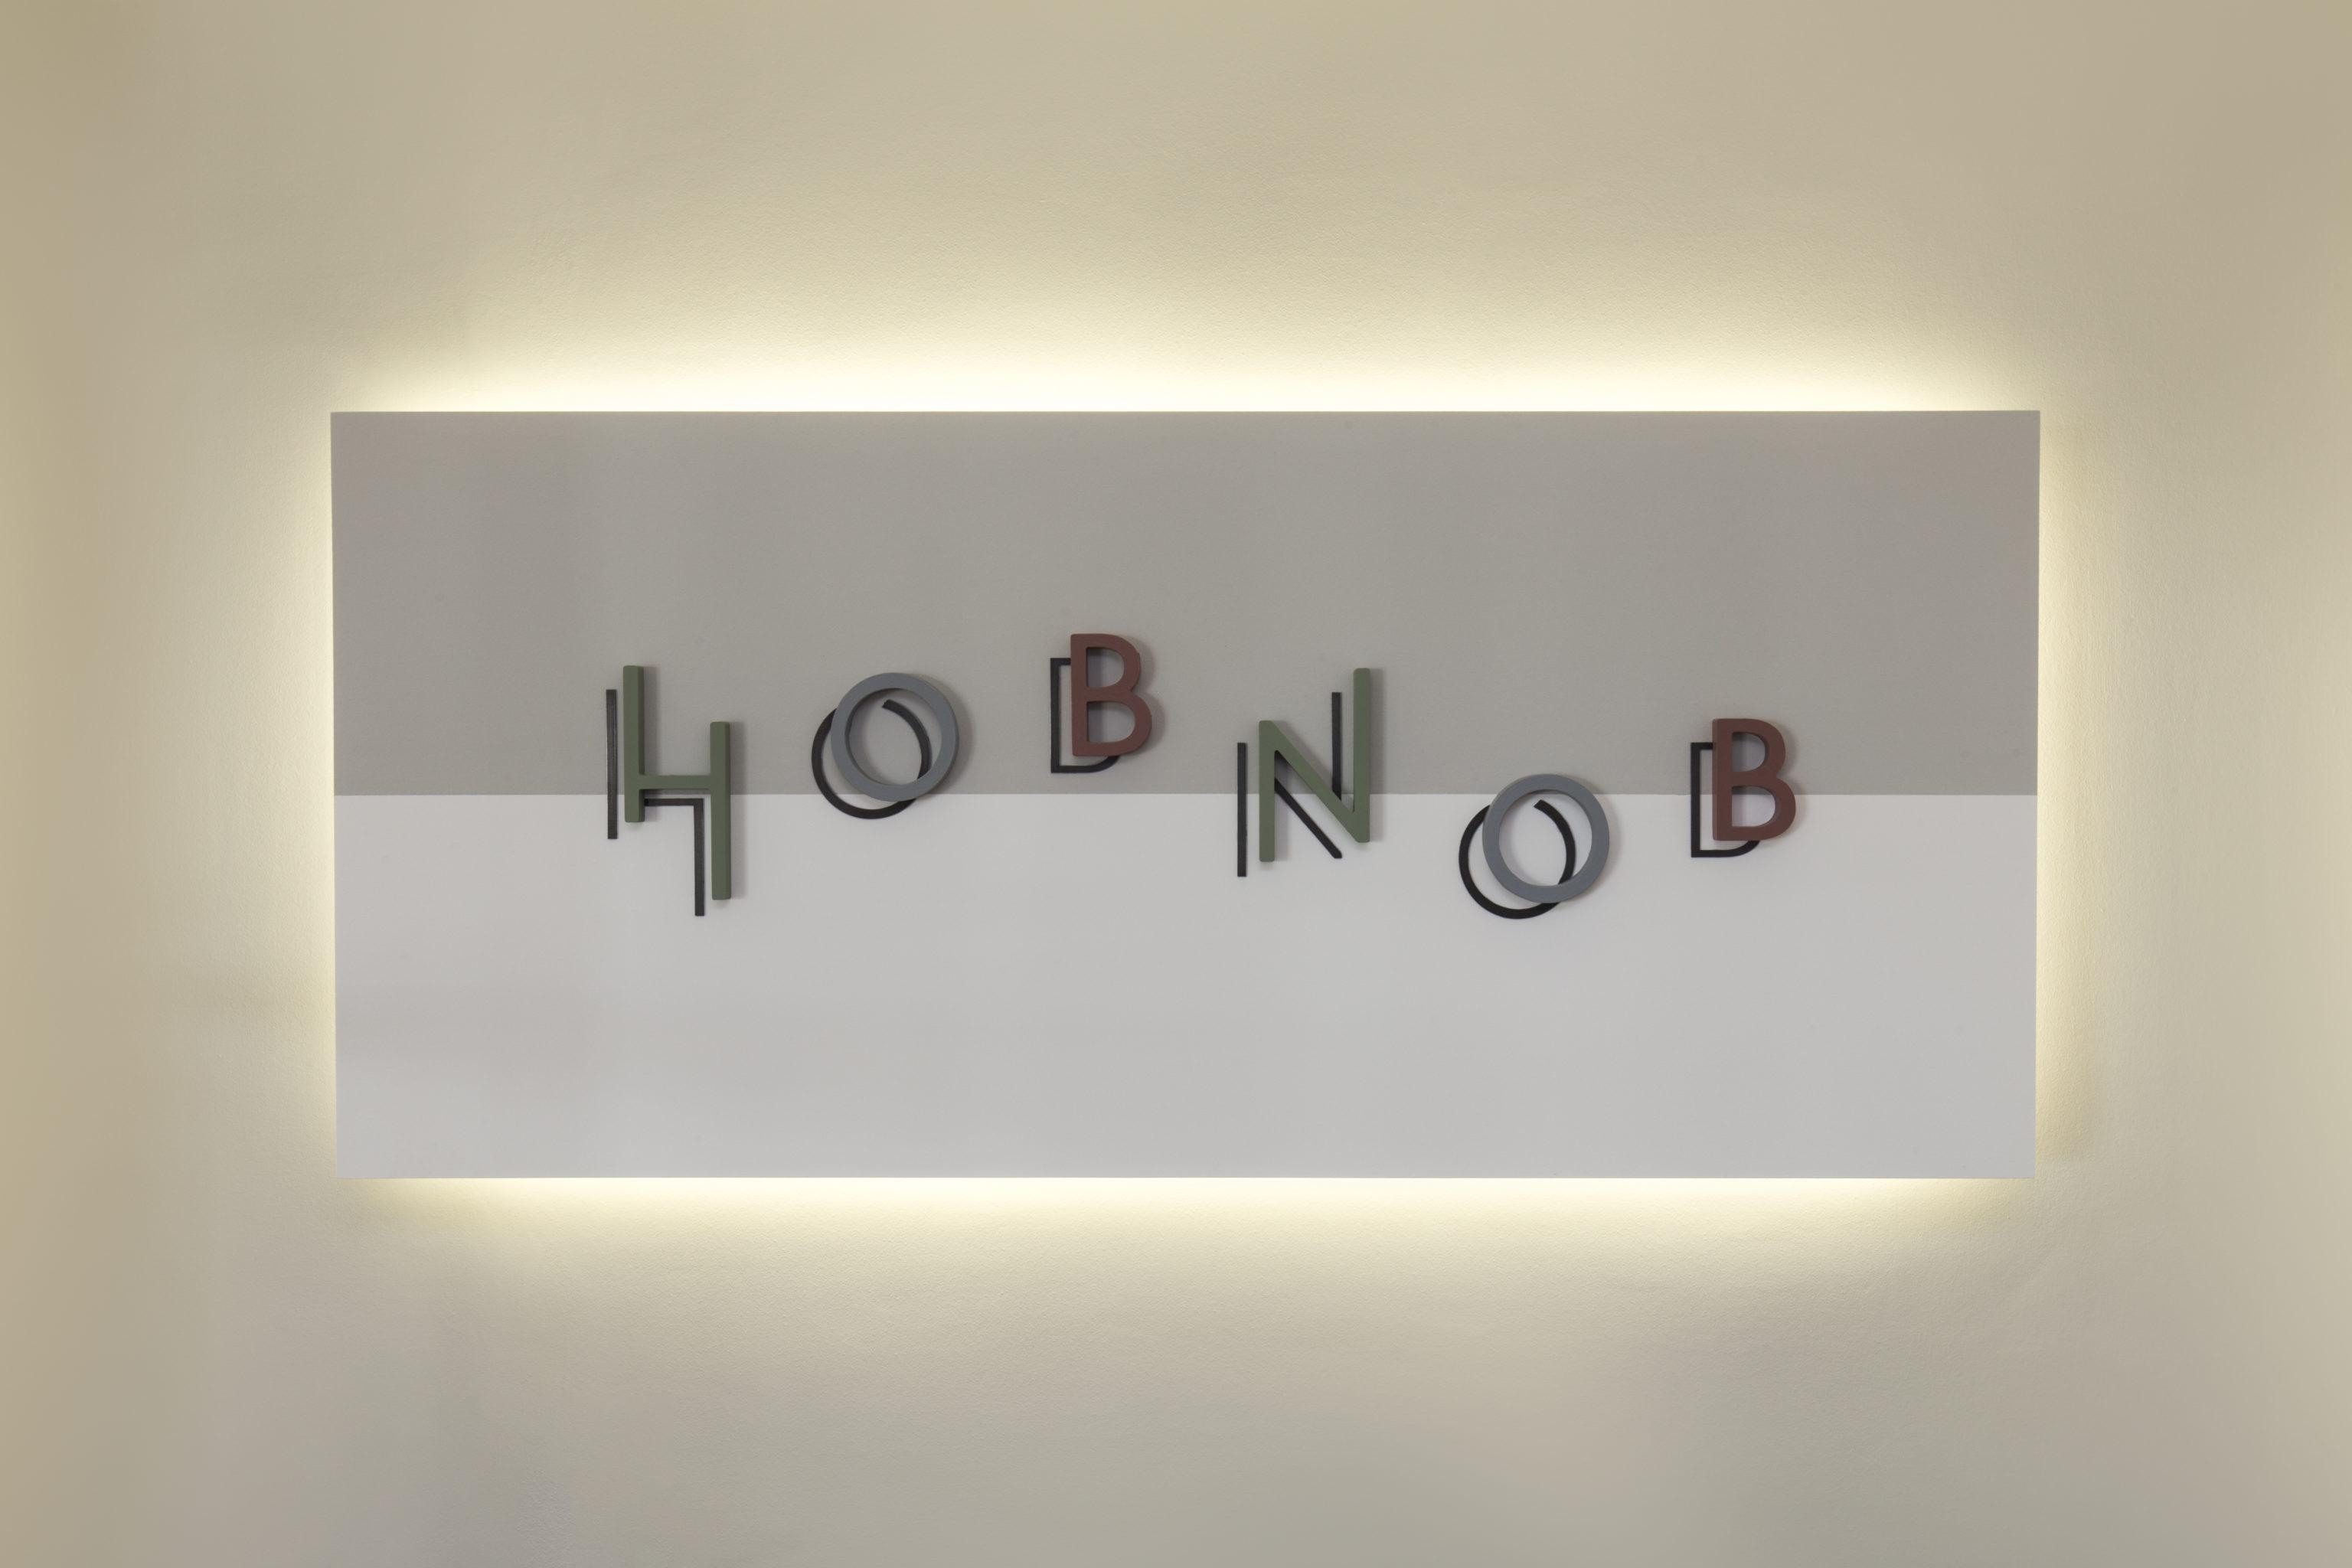 Σεζόν 2020-2021! Επιστροφή με ασφάλεια στο αγαπημένο Hobnob!